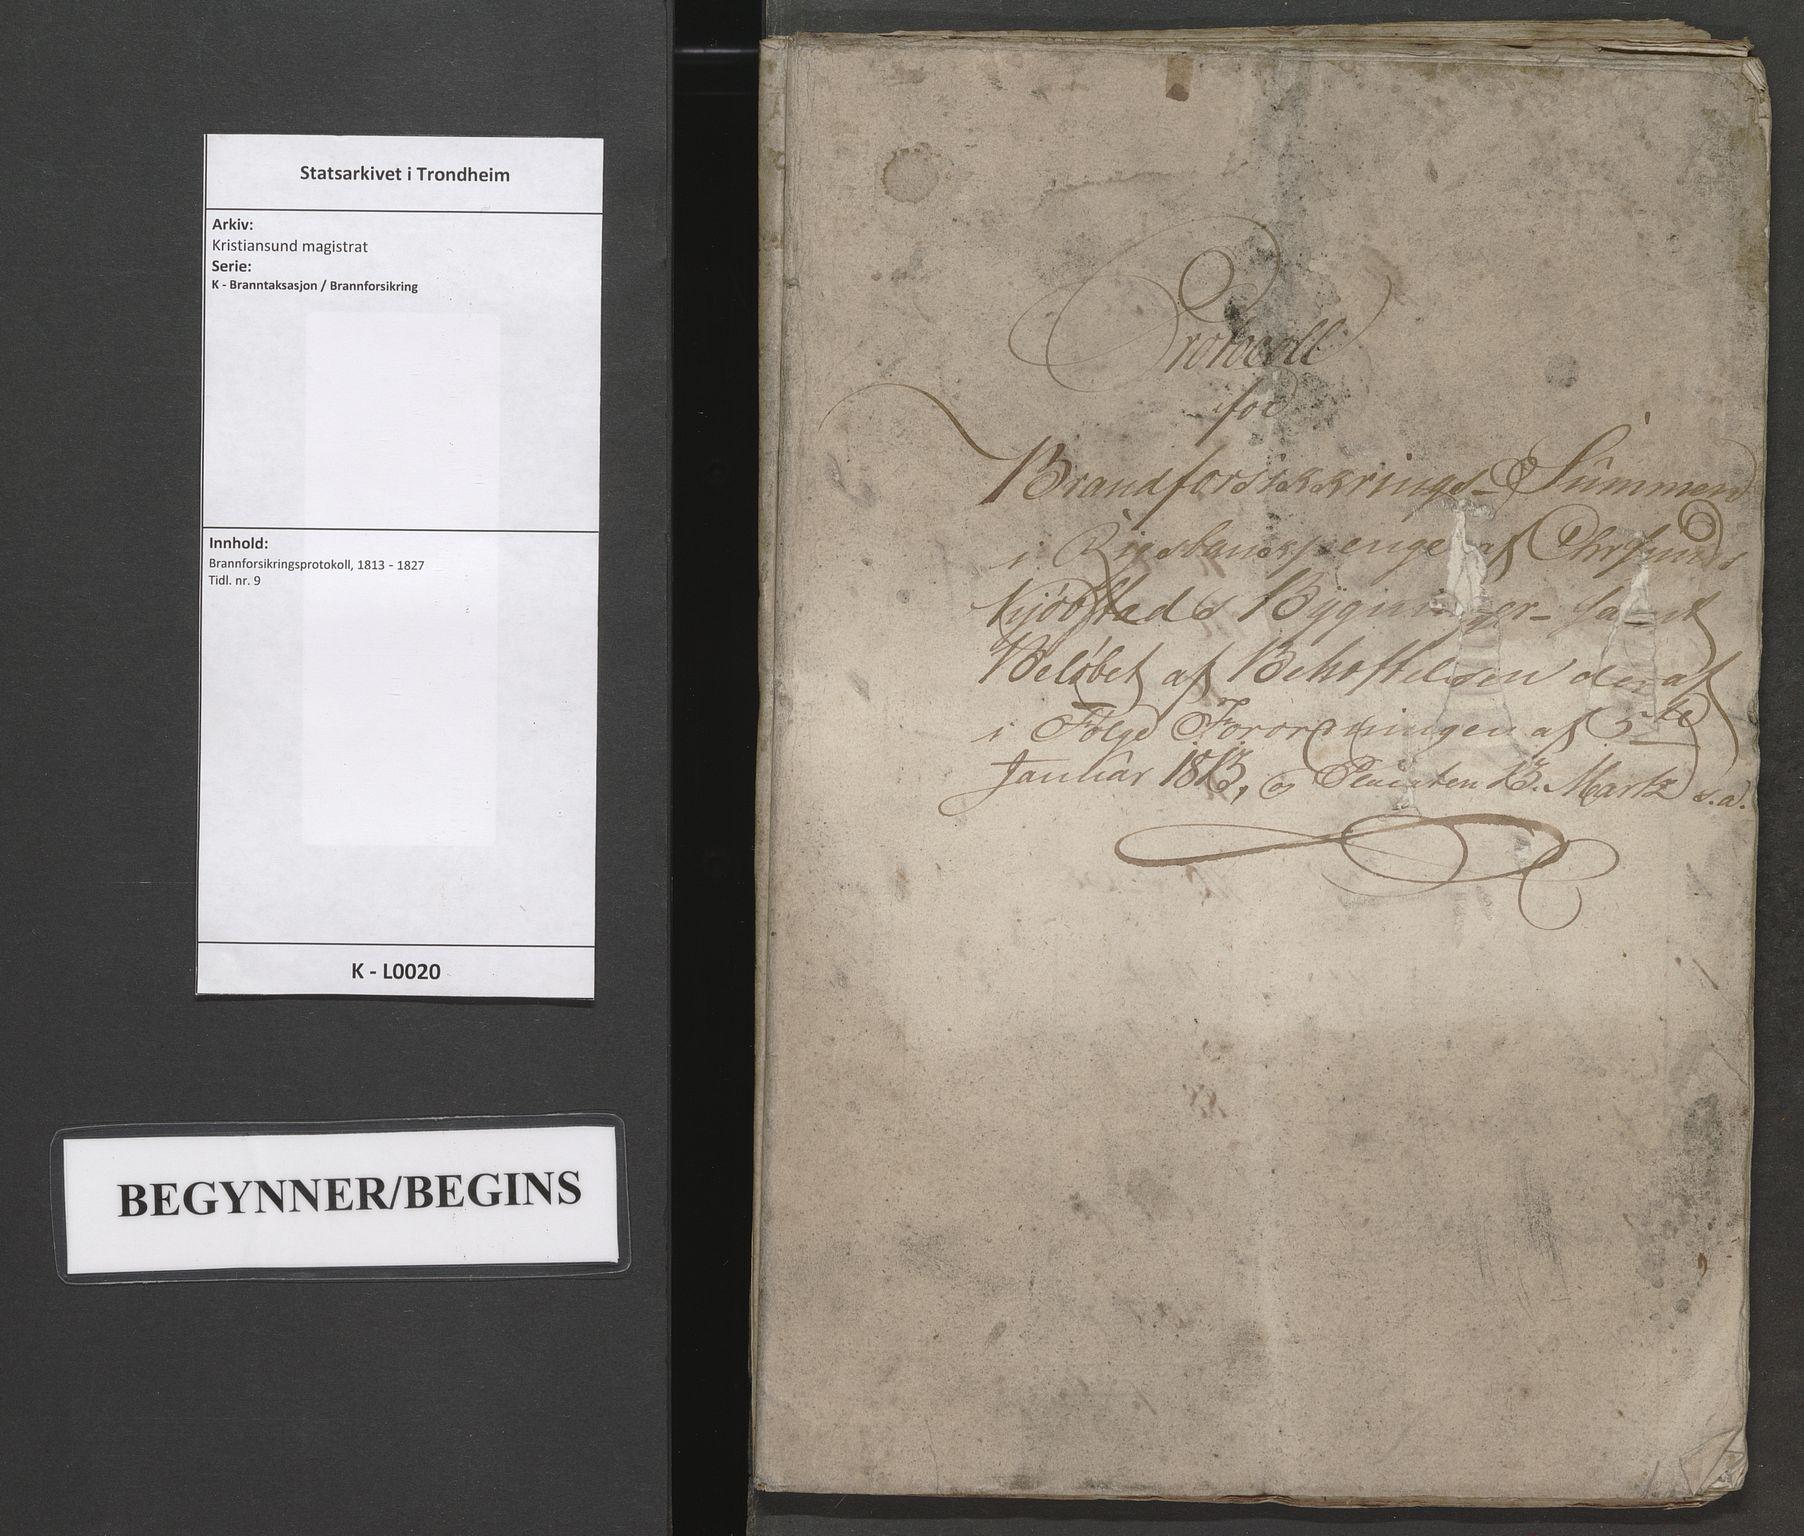 SAT, Kristiansund magistrat, K/L0020: Brannforsikringsprotokoll, 1813-1827